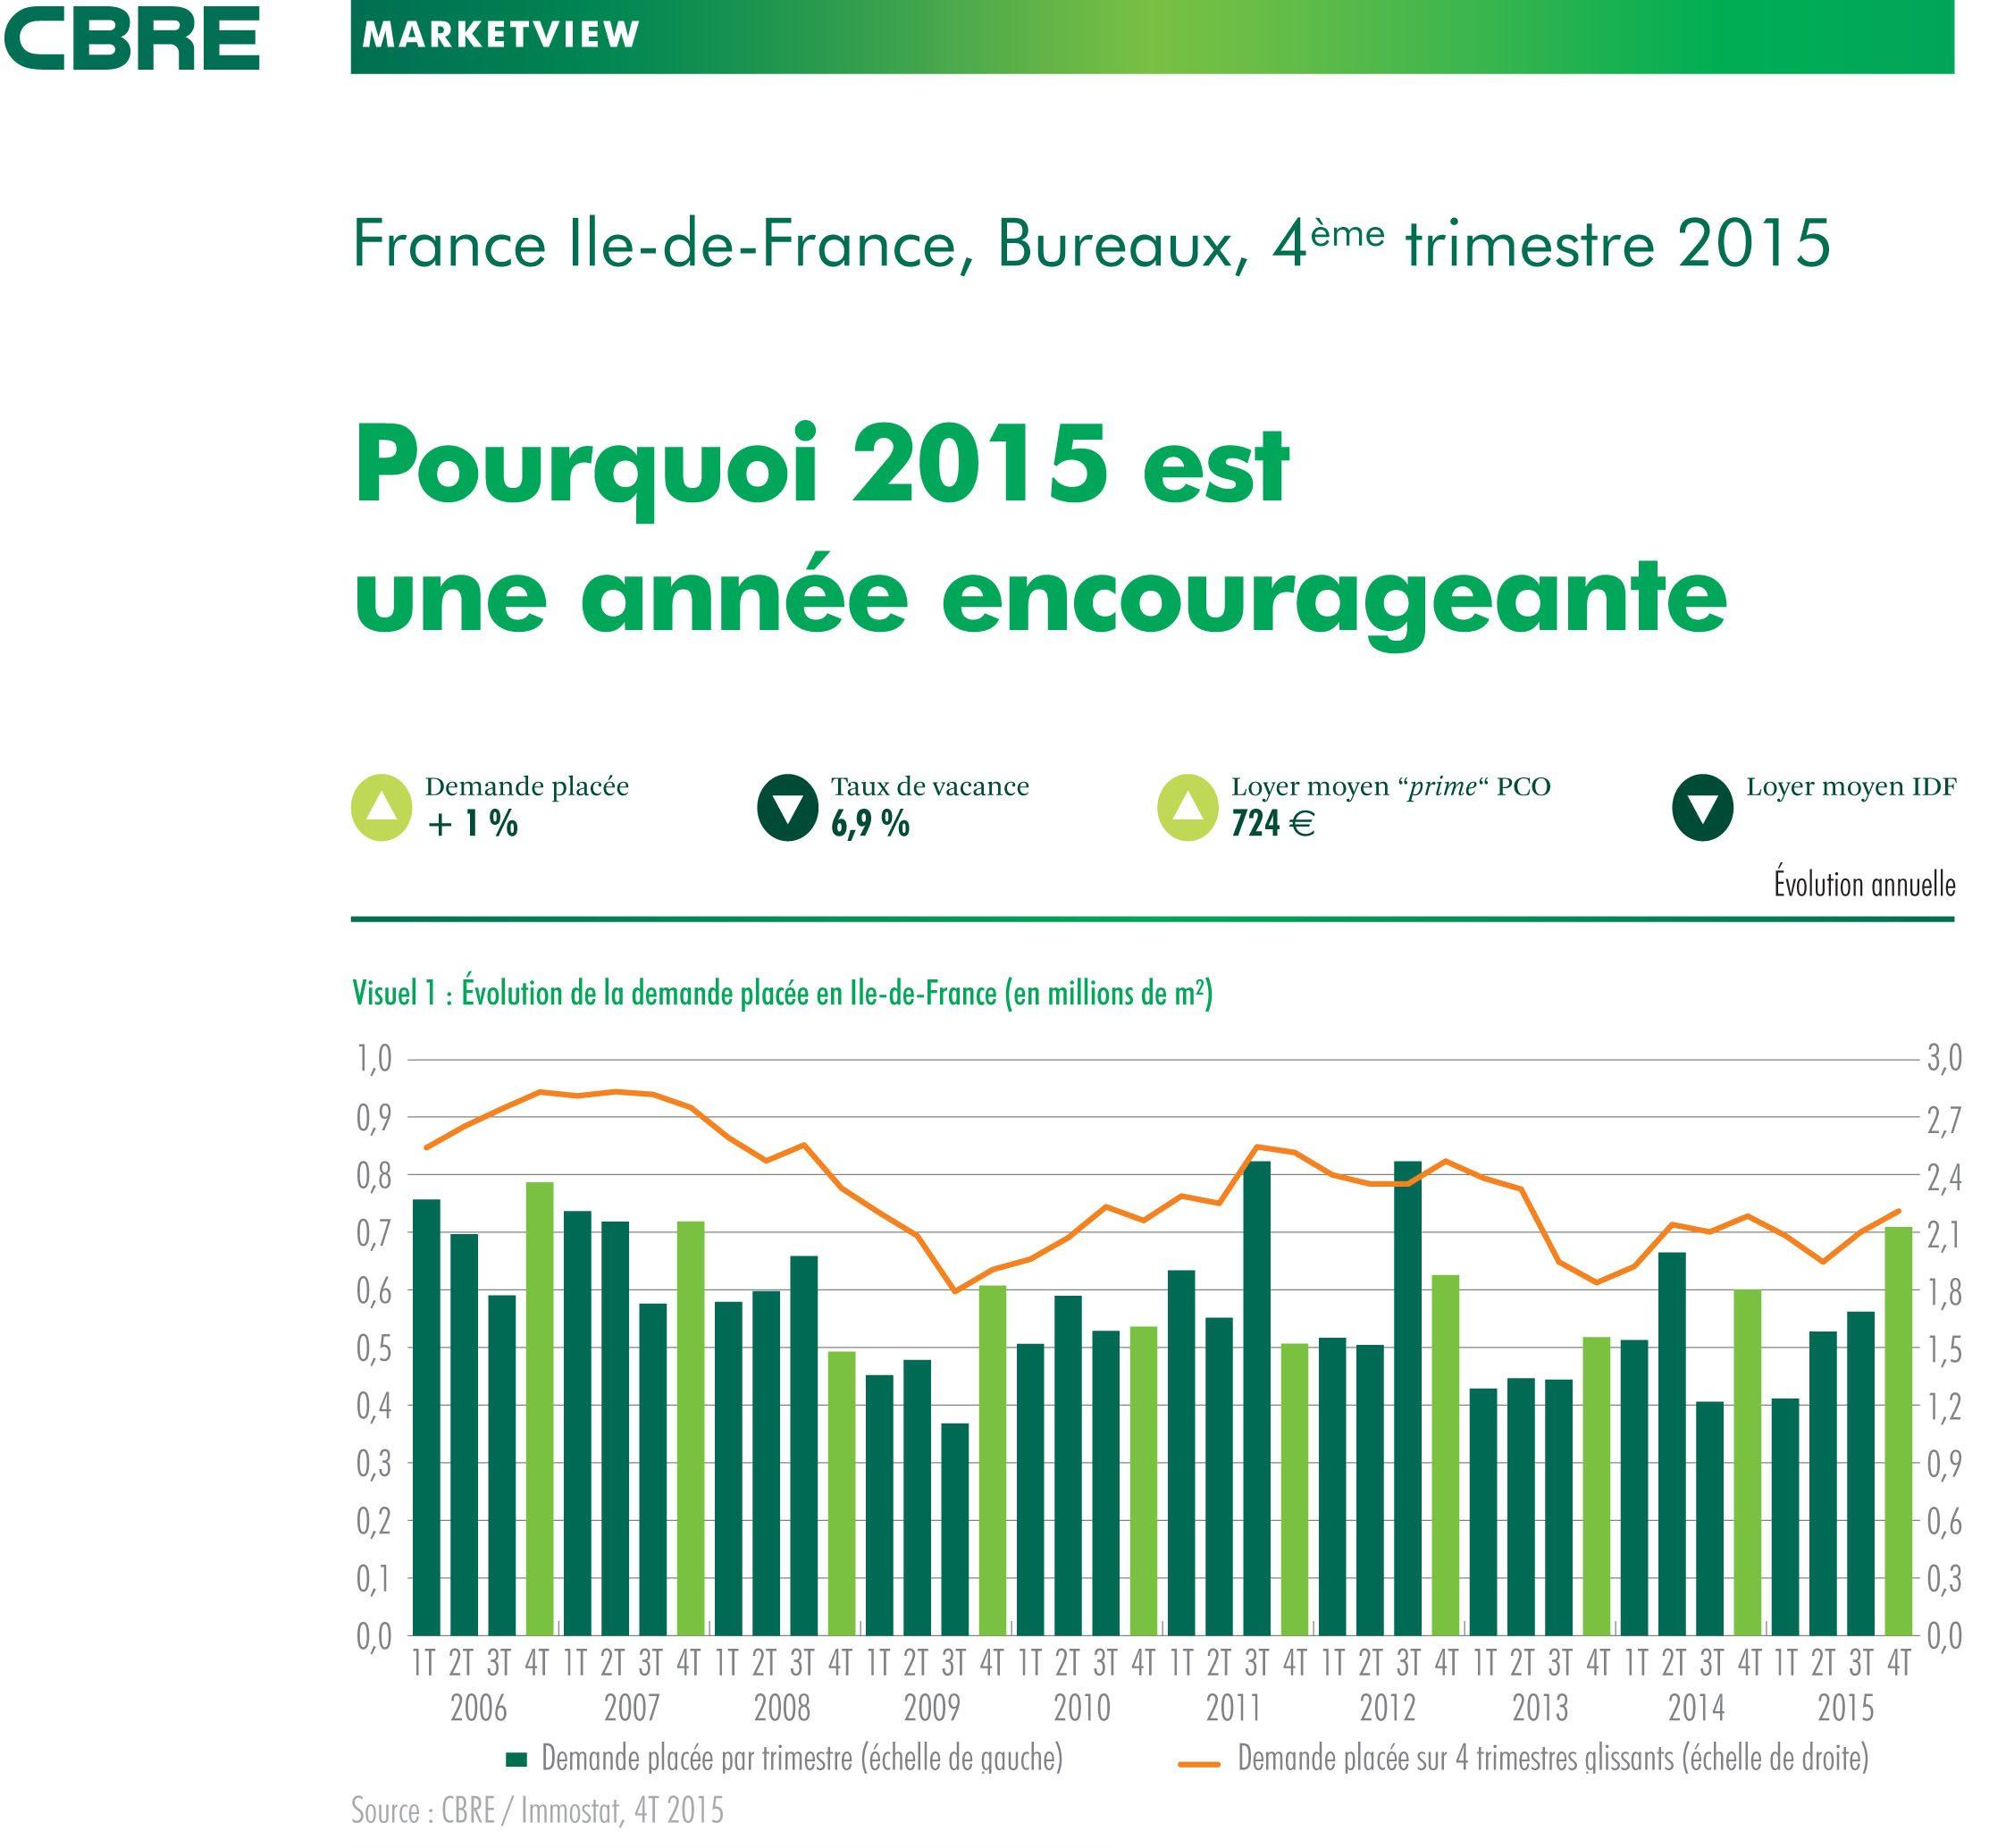 Le marché des bureaux en Ile-de-France – Bilan 2015